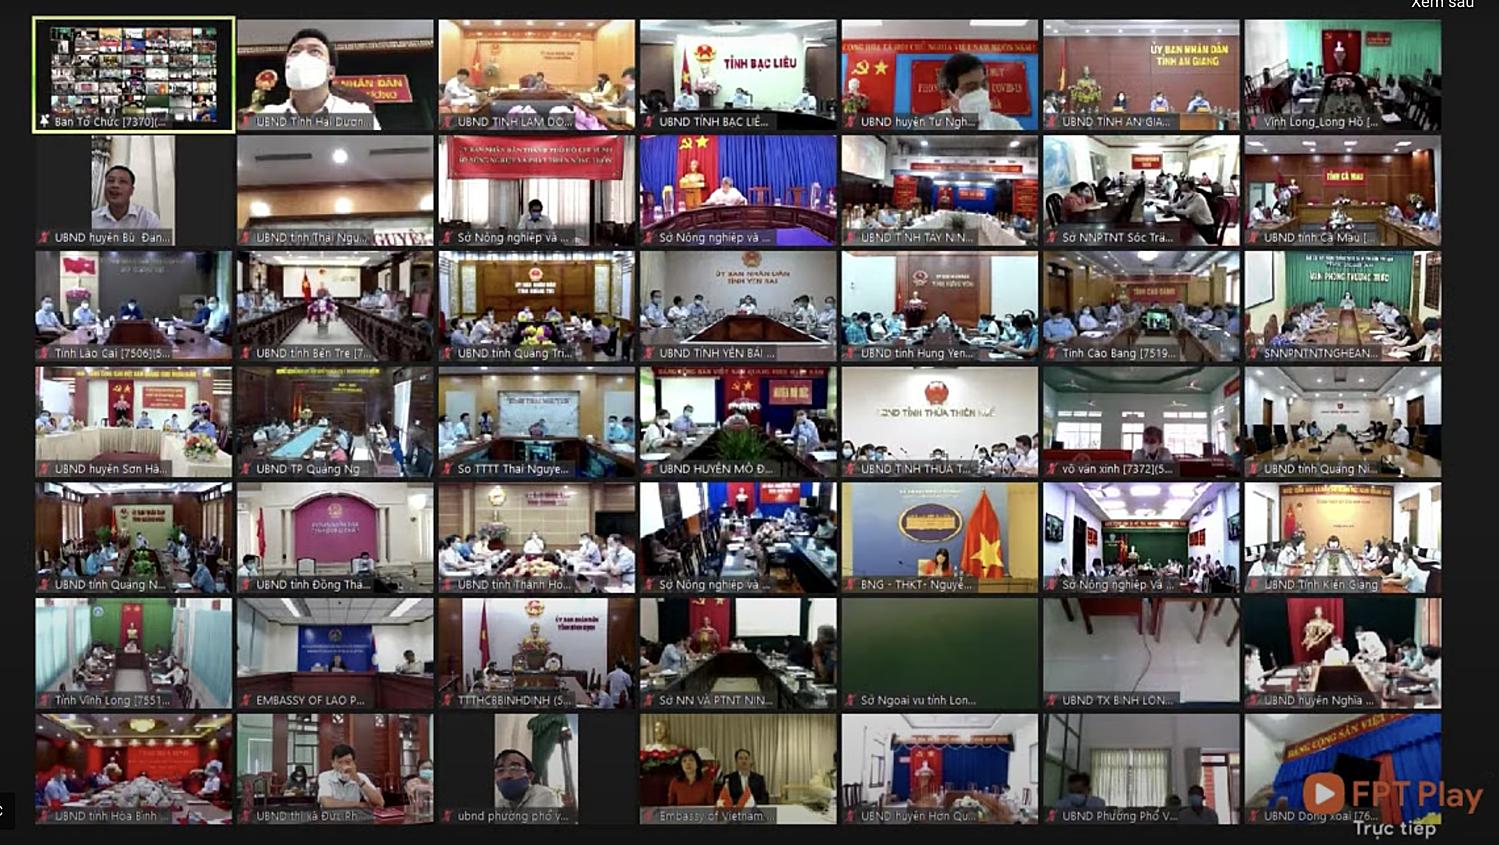 Các đại biểu tham gia Diễn đàn Chuyển đổi số Nông nghiệp Việt Nam. Ảnh: VnExpress.net